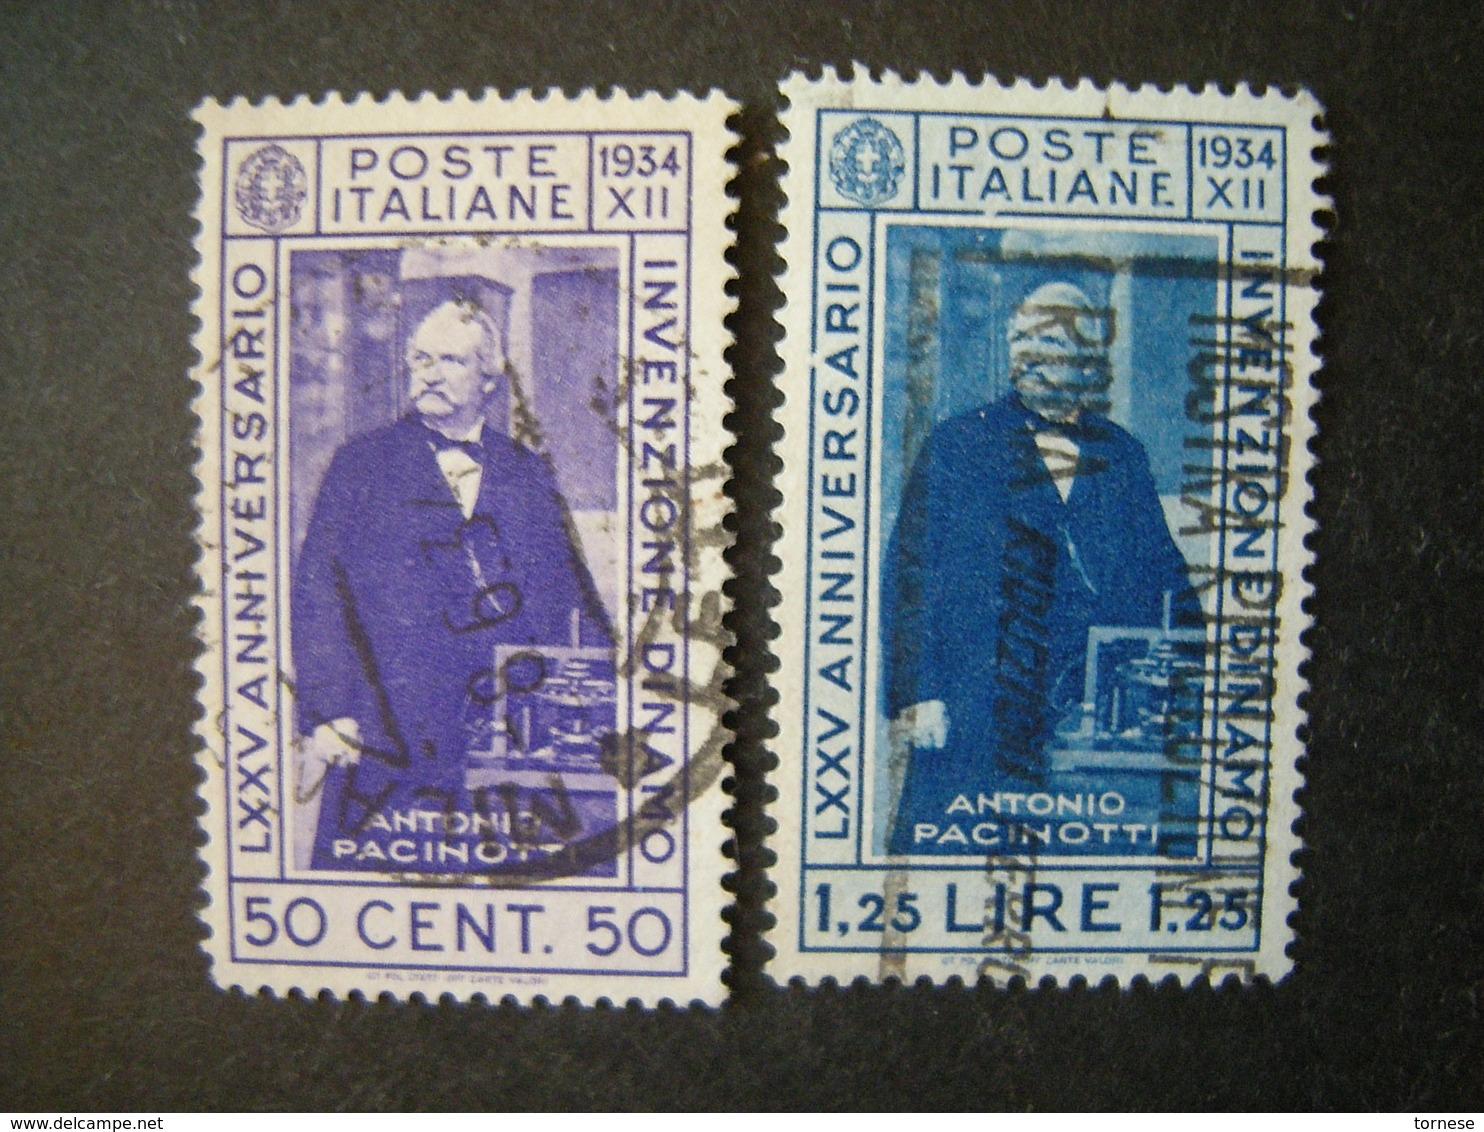 1935 - PACINOTTI, Serie Compl. Usata , 2 Val. TTB,  OCCASIONE - Usati